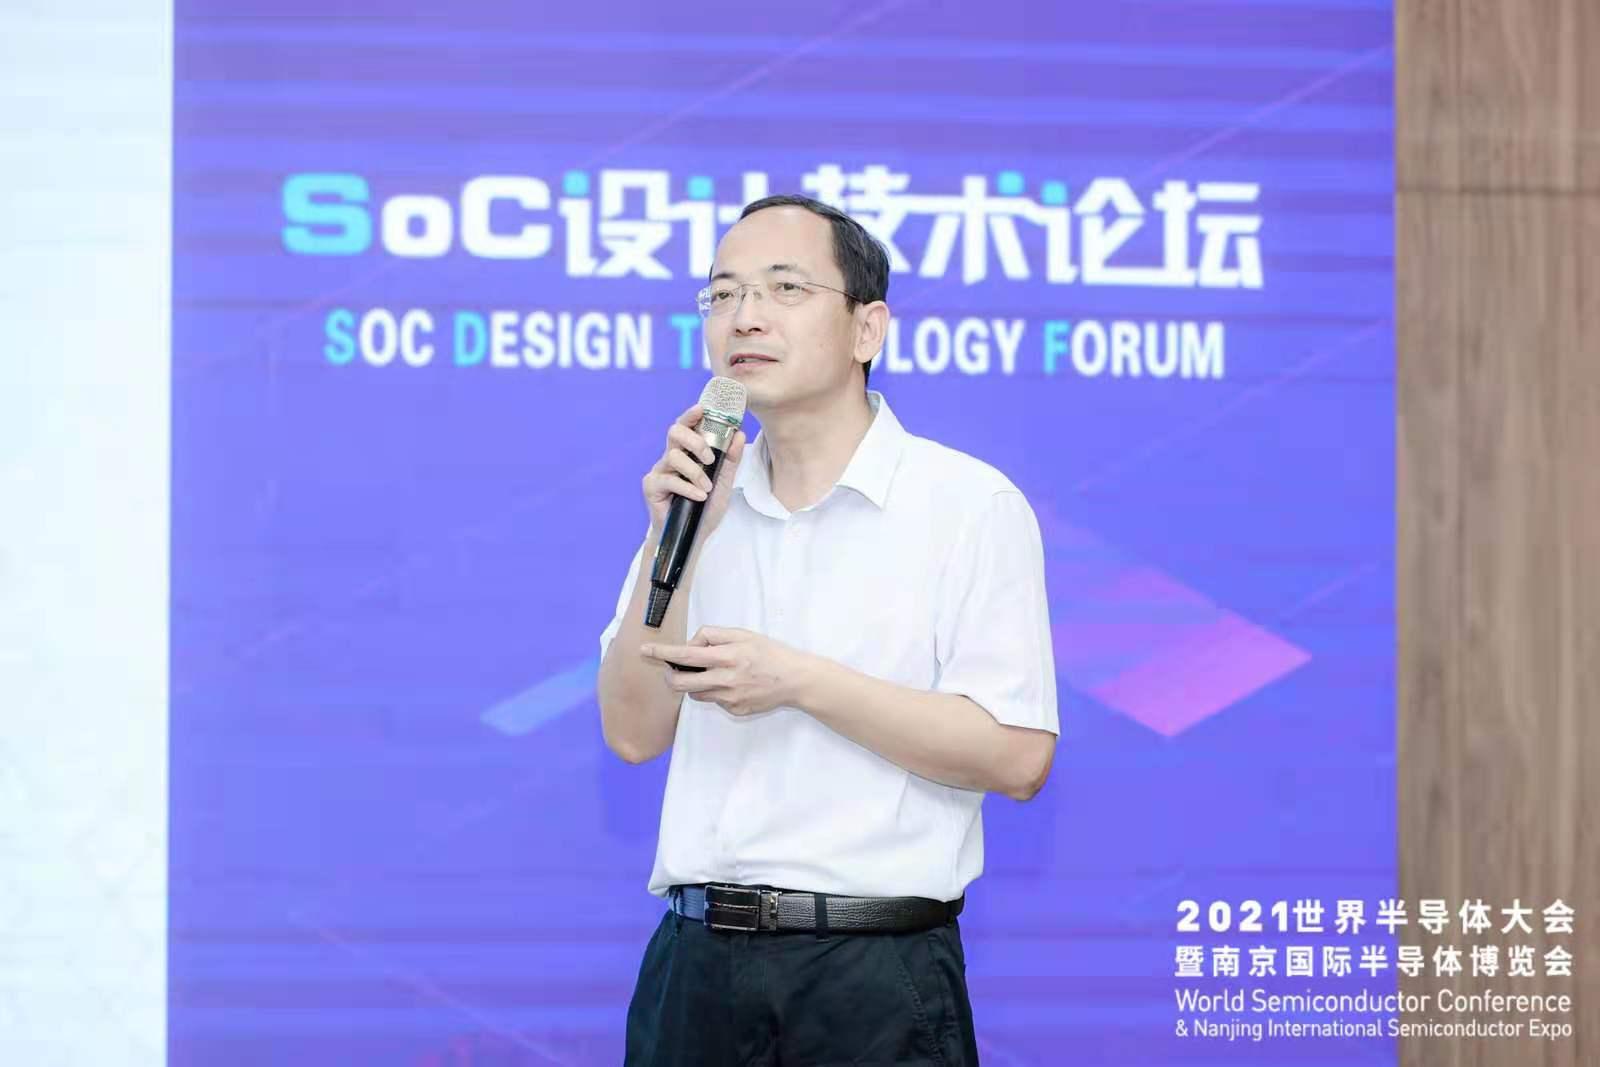 缺芯浪潮下,国产SoC产业的思考与展望